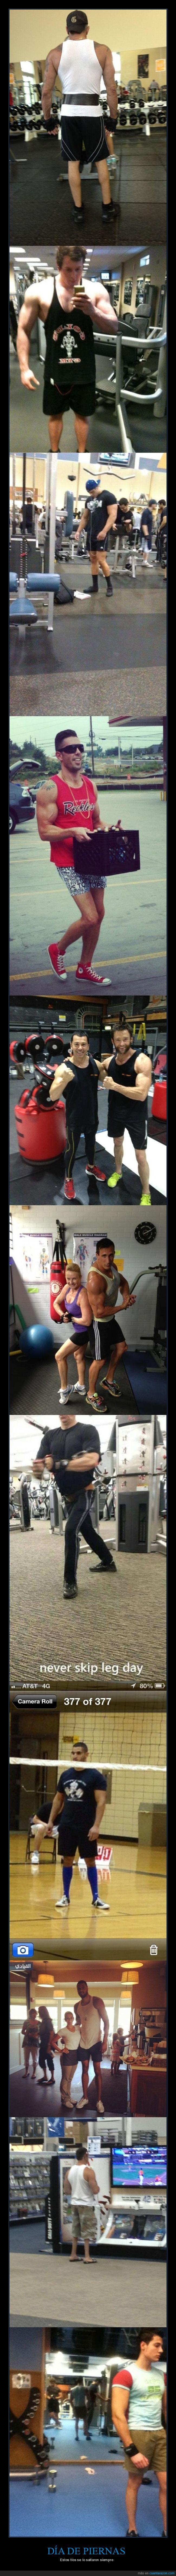 gimnasio,músculos,piernas